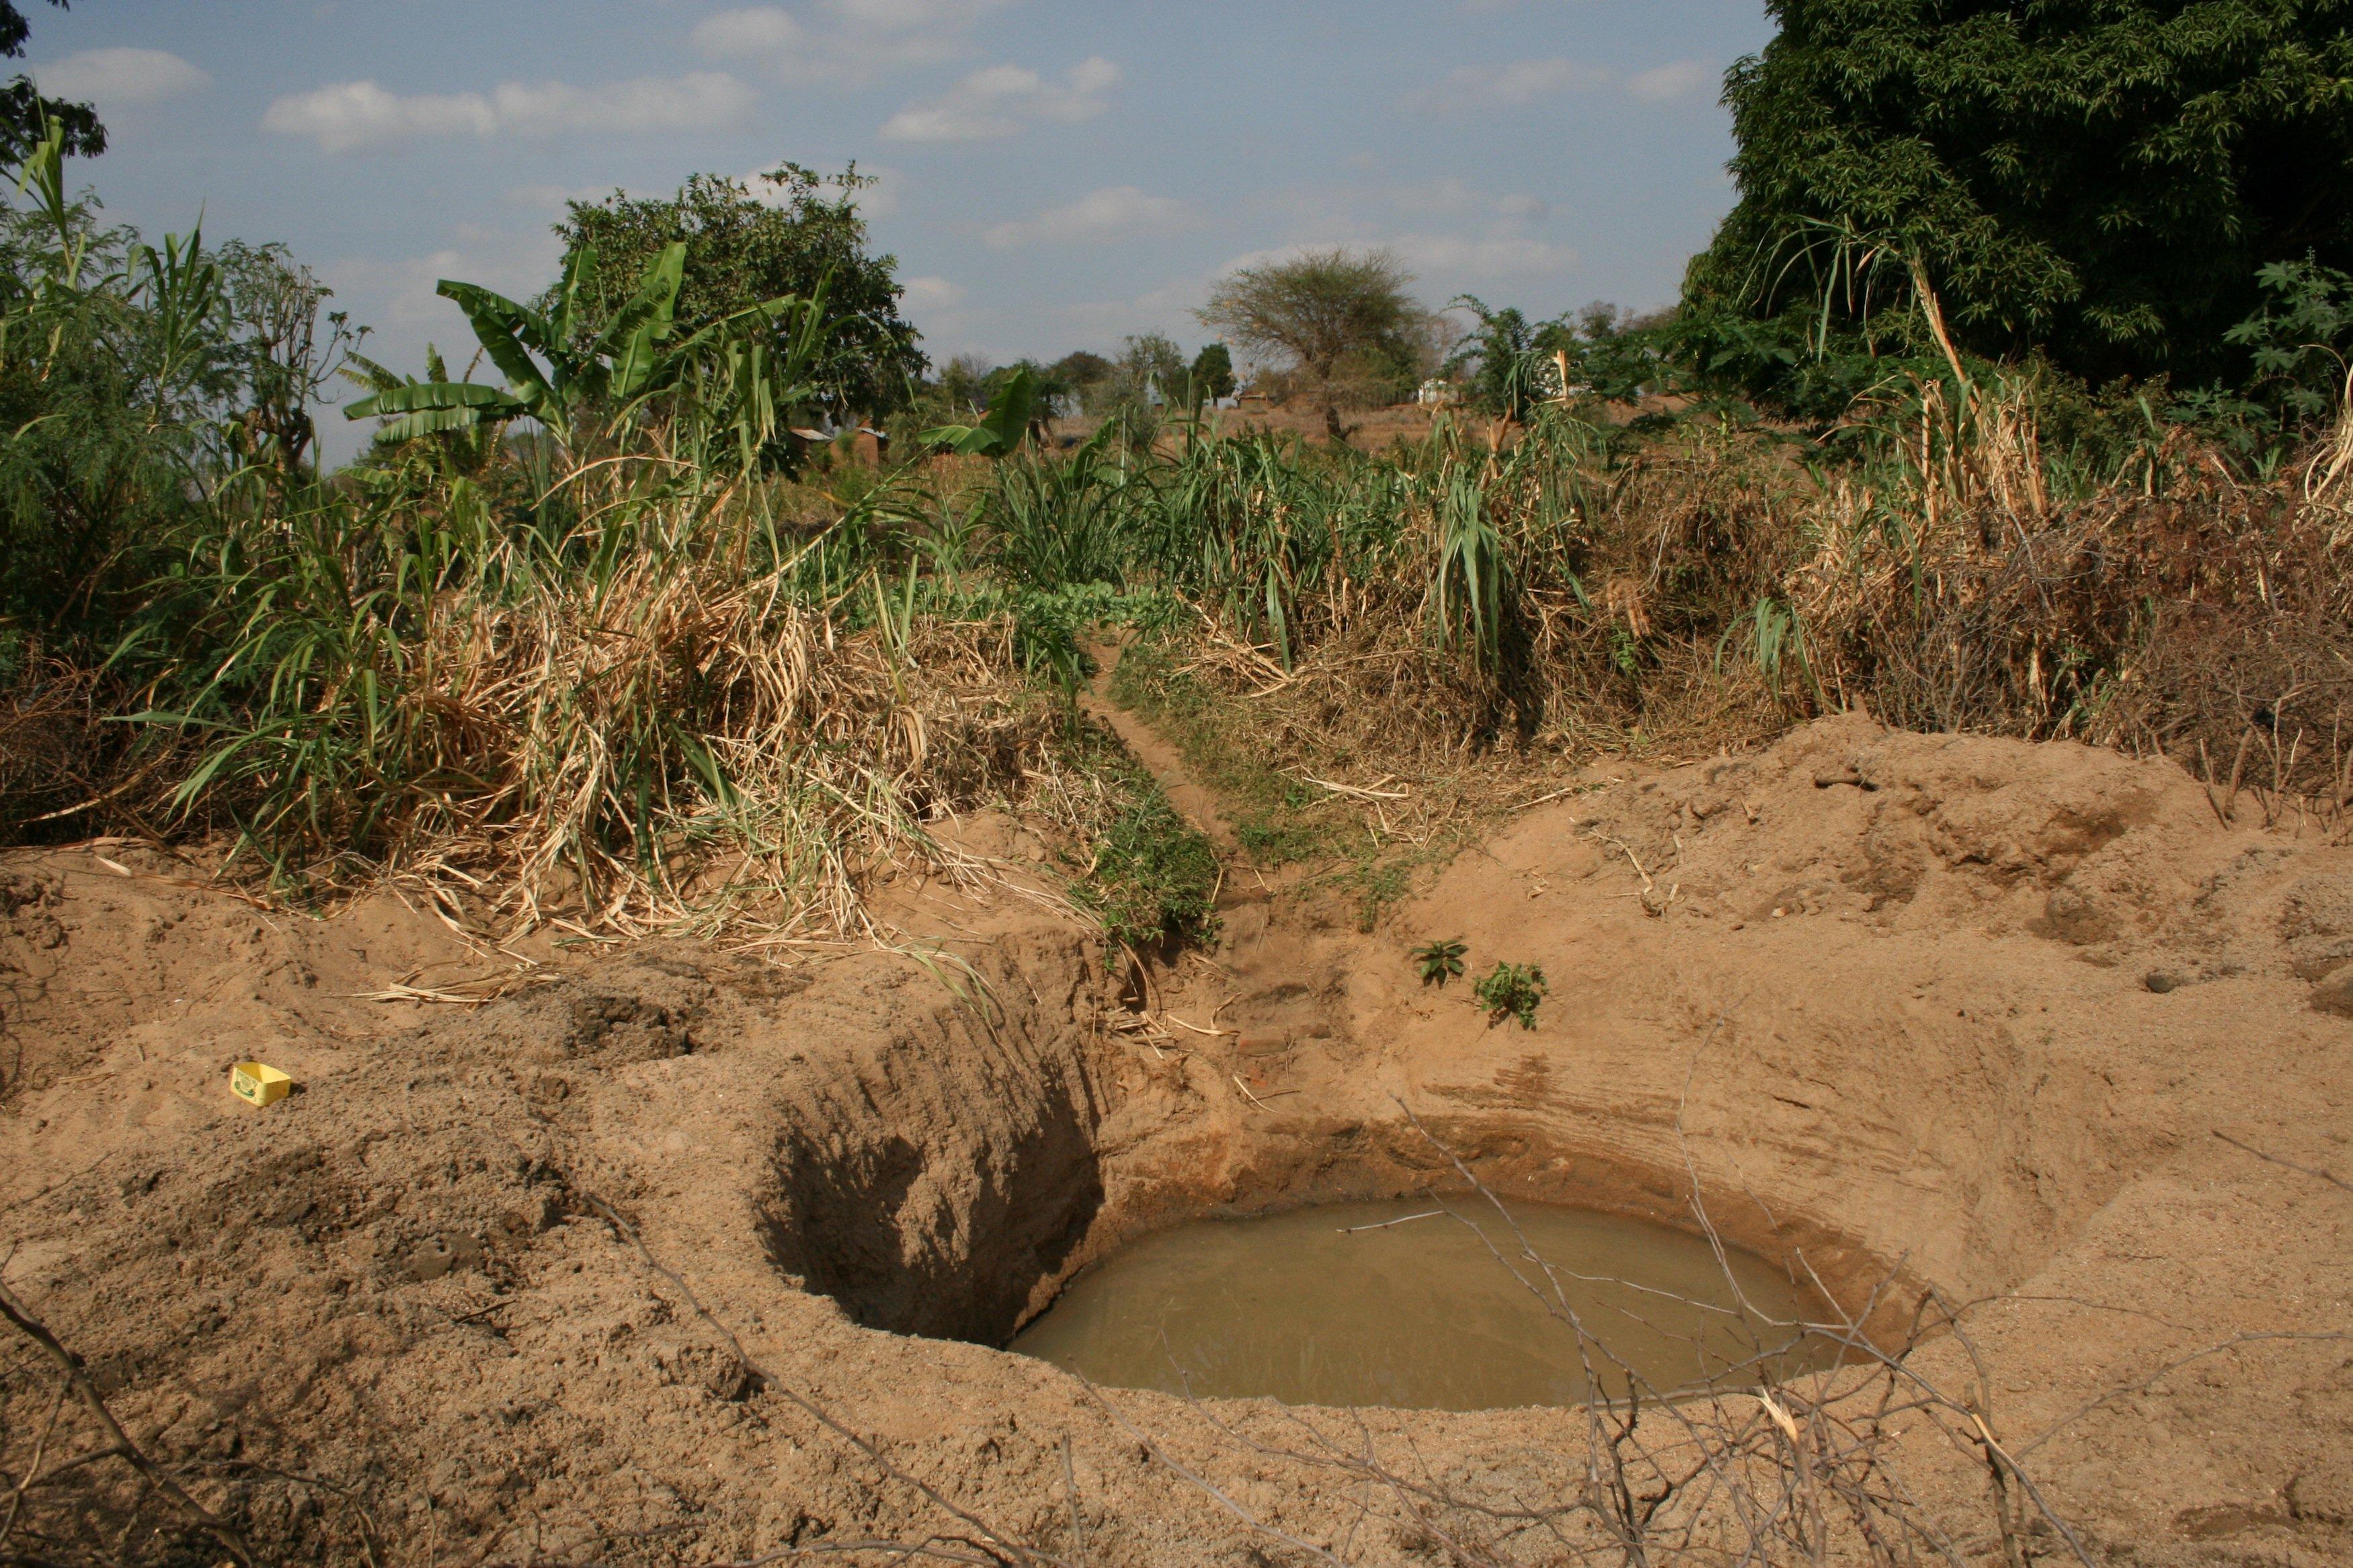 Ins Flussbett gebauten Staumauern, bis zu 5 Meter tief ins Sediment eingelassen, halten so viel Wasser zurück, dass sogar offene Brunnen noch mit Wasser gefüllt sind und zur Bewässerung benutzt werden können.